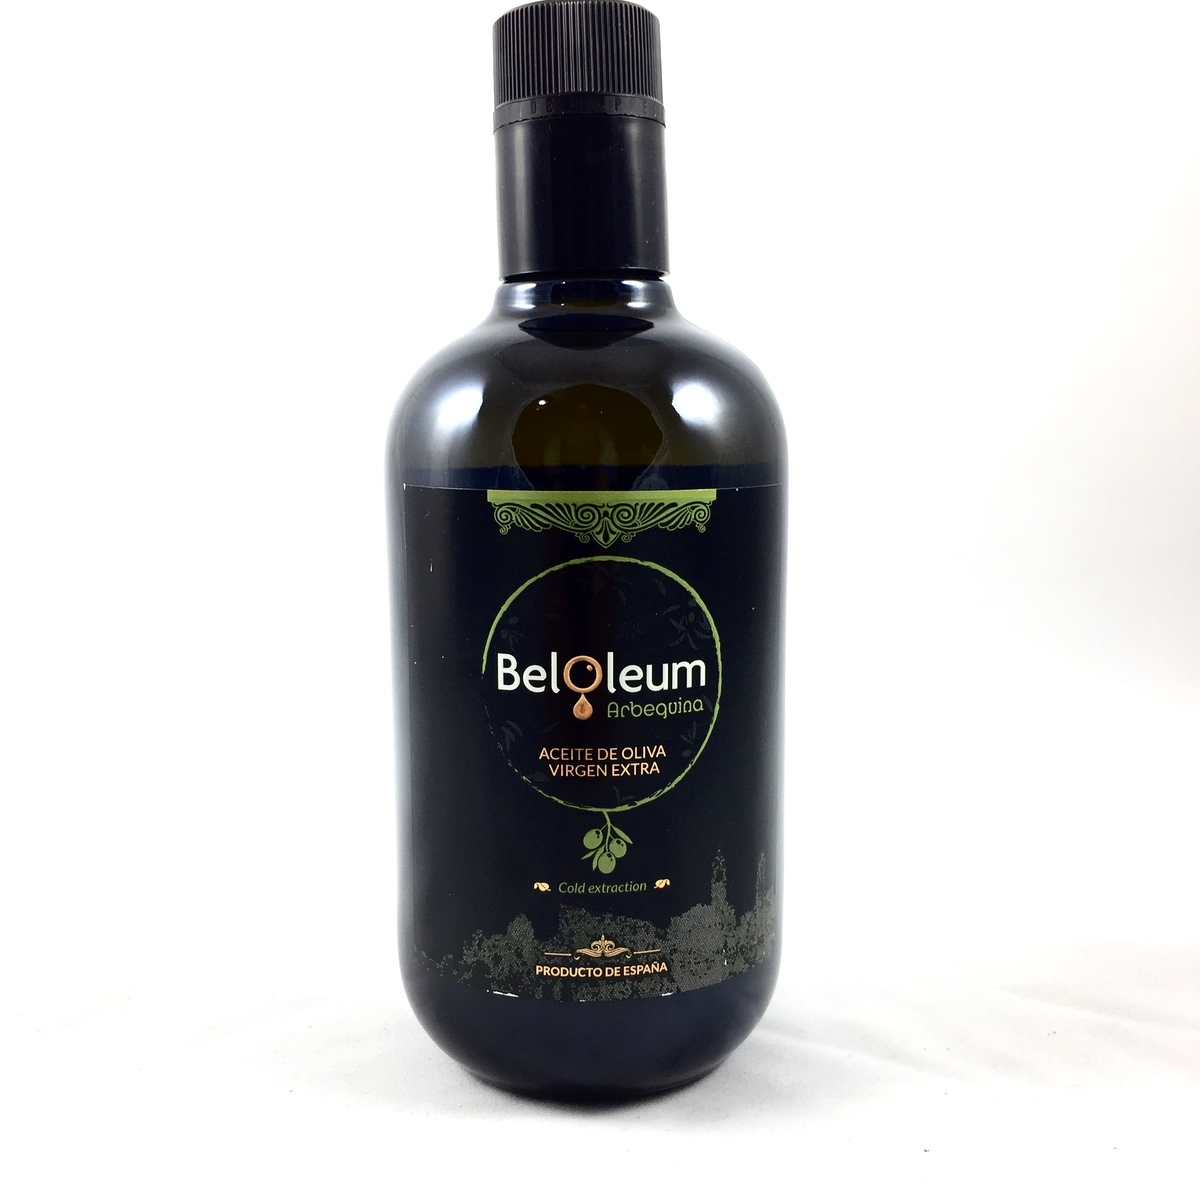 Beloleum arbequina Aceite de oliva virgen extra